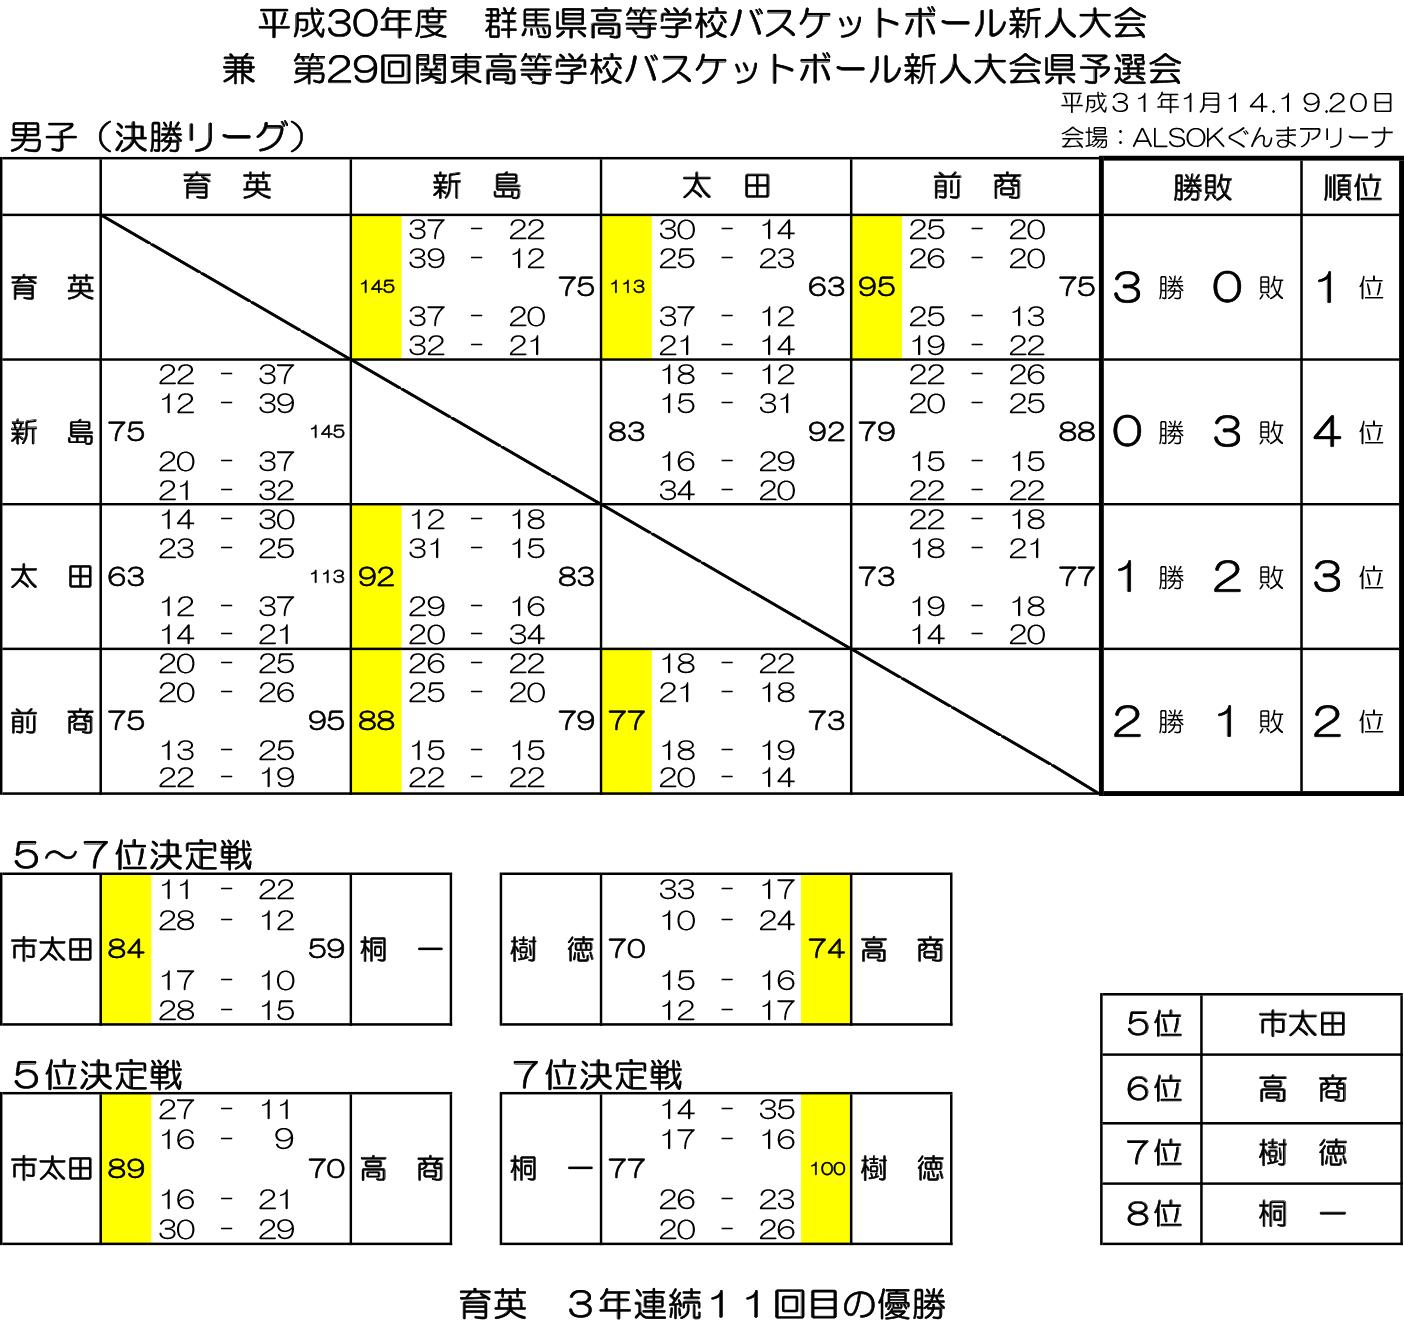 2018(平成30)年度 高体連新人大会 - 男子 結果 決勝リーグ